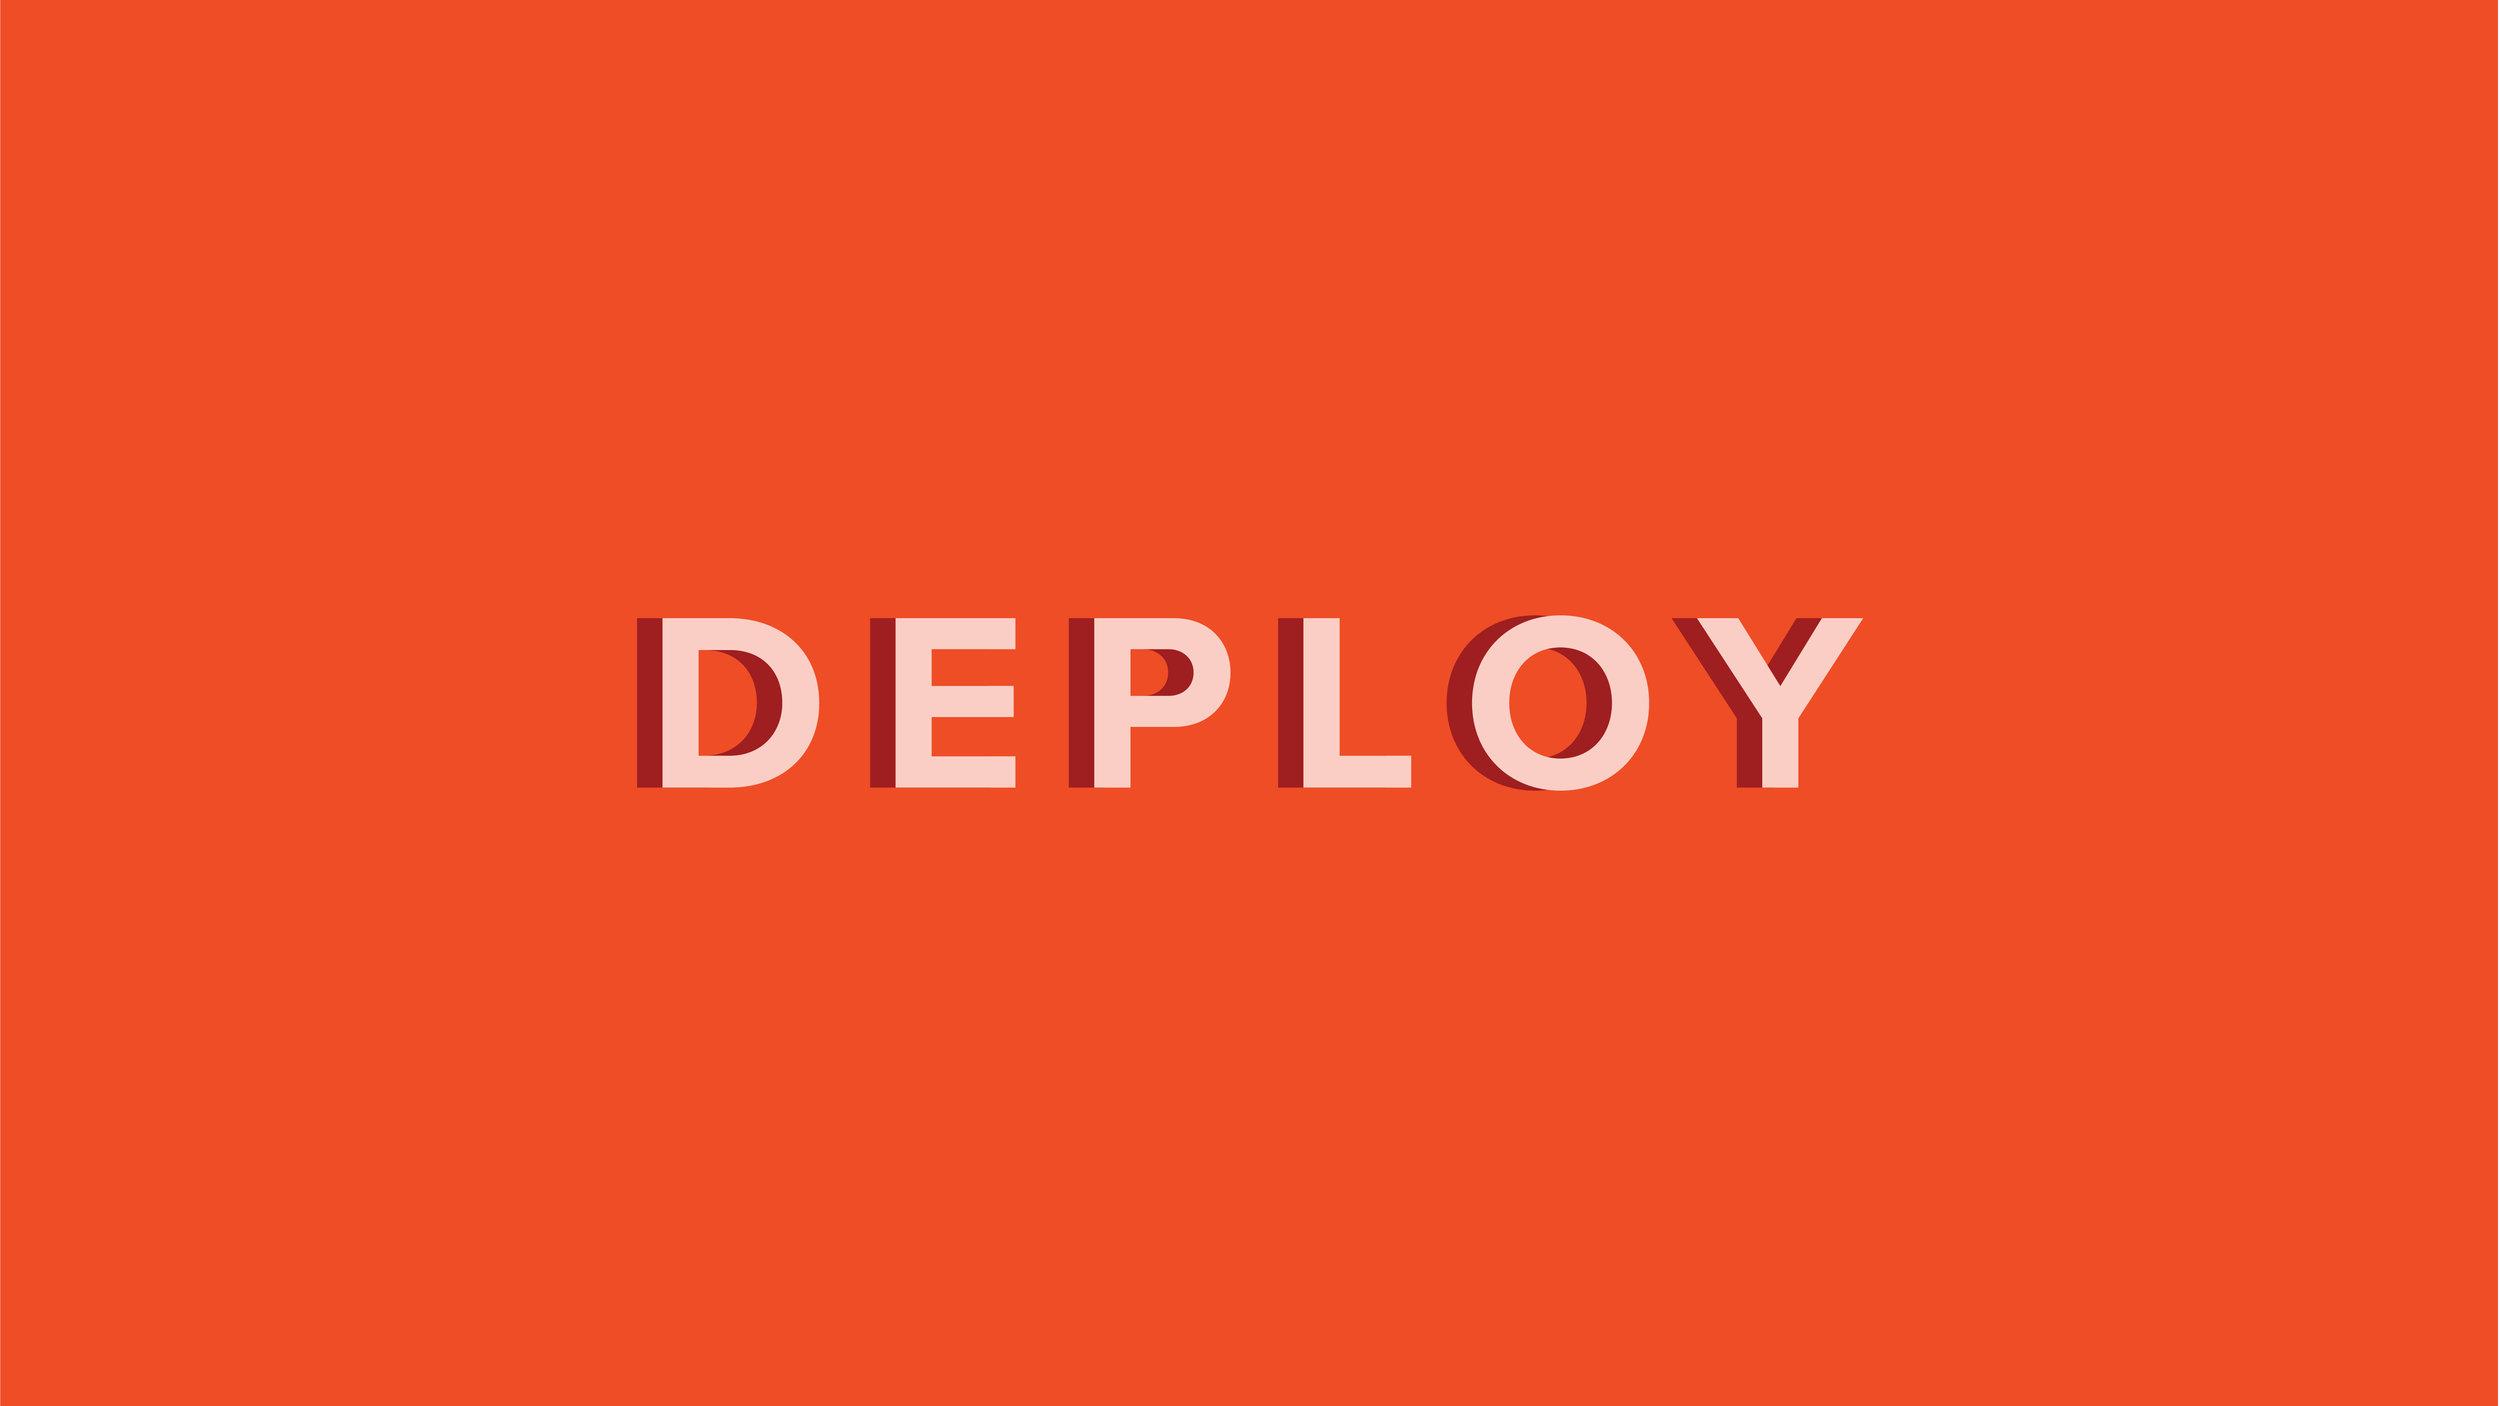 Growing_In_3D_Deploy-01.jpg